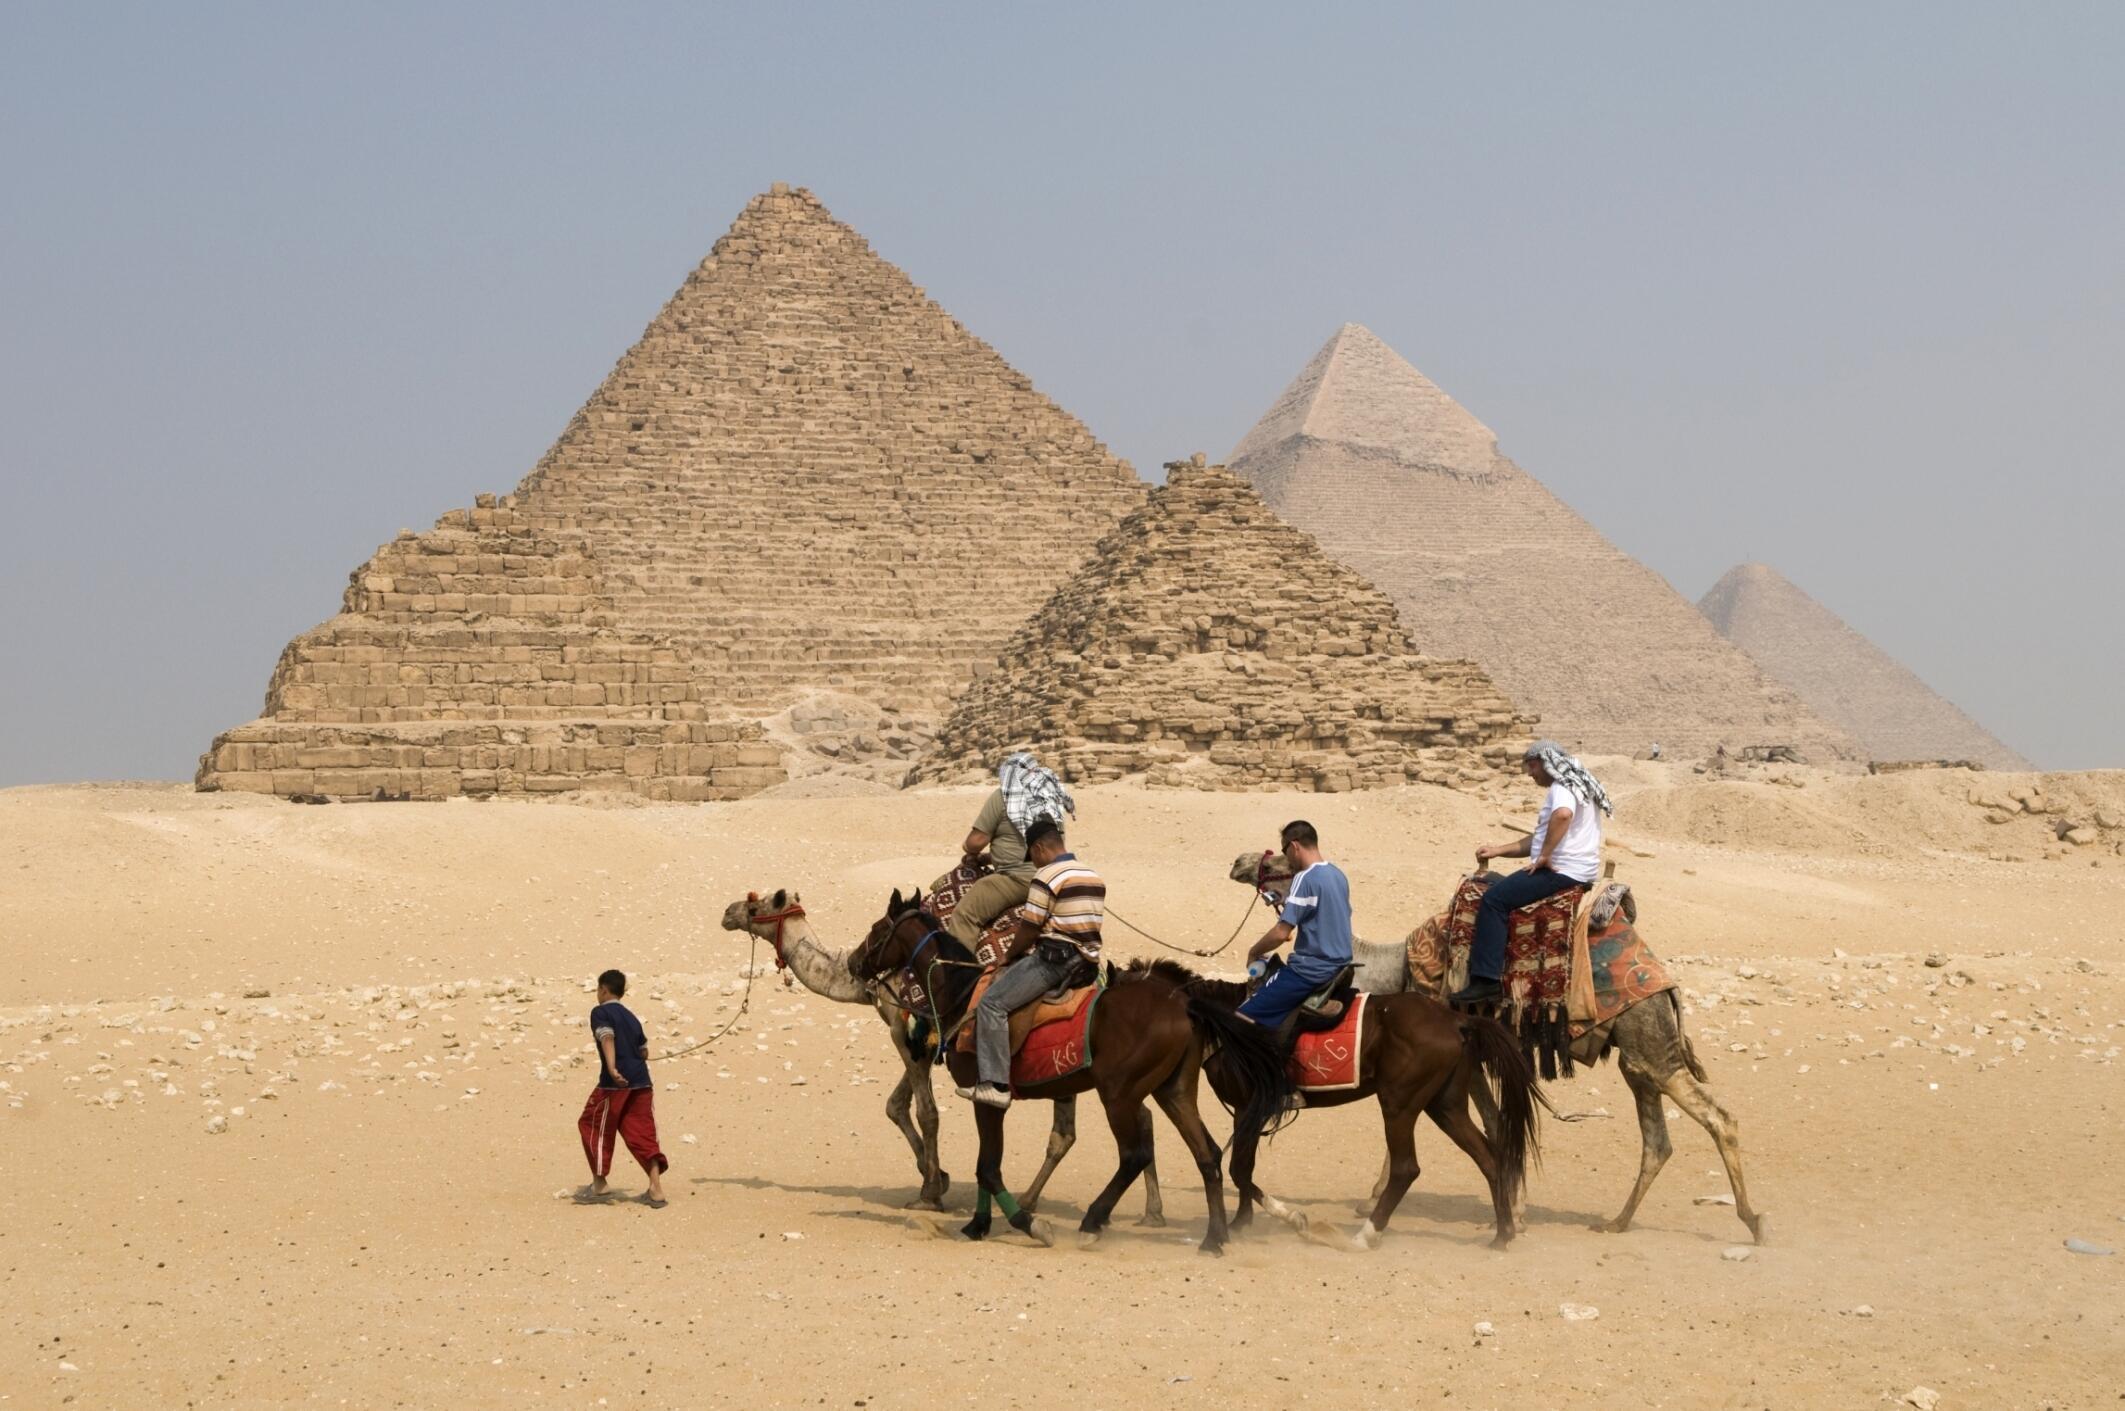 Les pyramides de Gizeh, près du Caire, attiraient plus de 3 millions touristes par an avant la révolution, selon le magazine «Forbes».